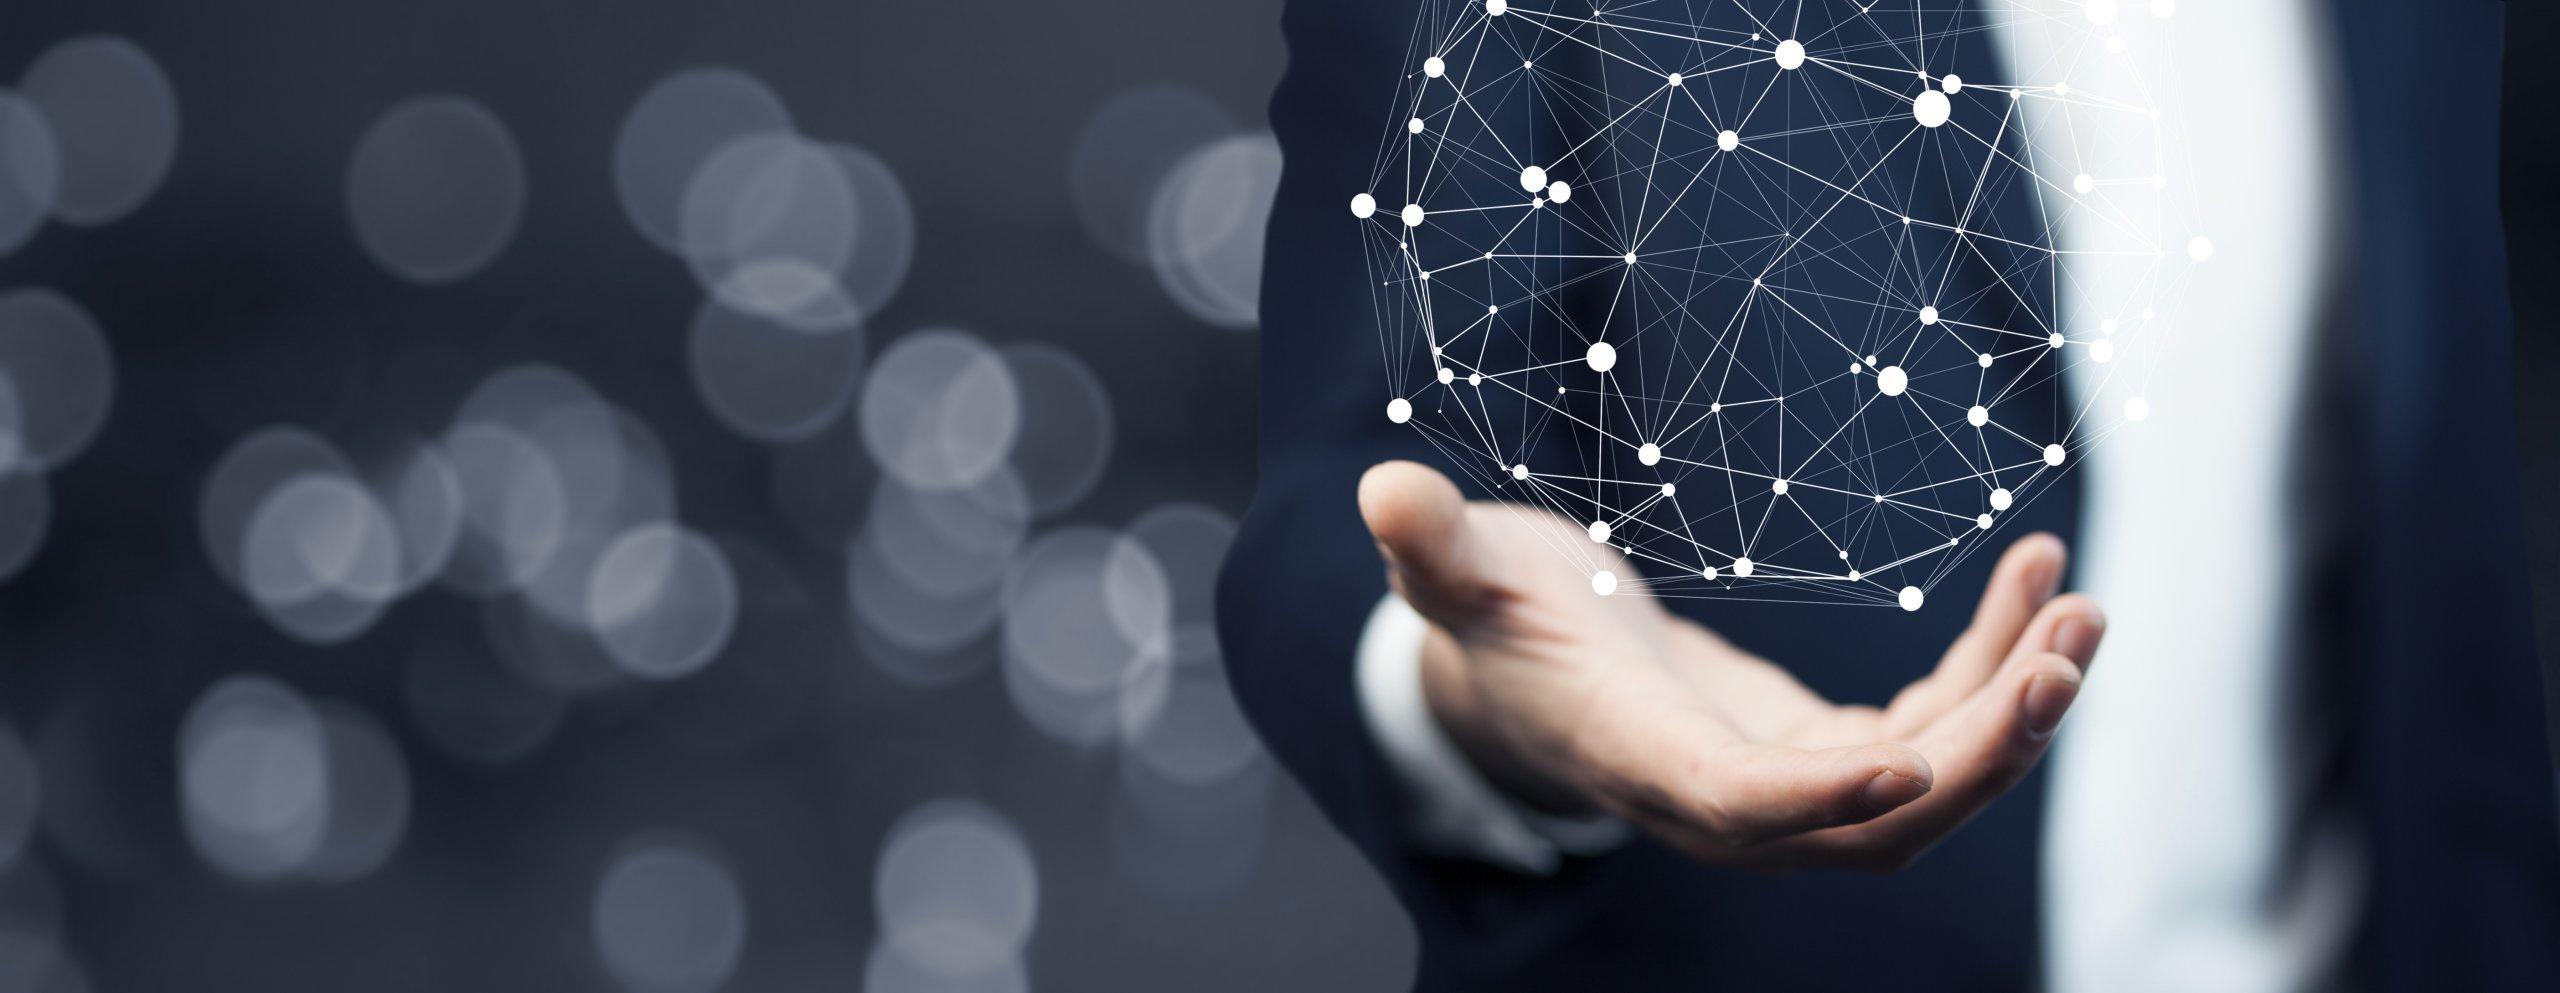 Planificación financiera empresarial mediante Software Contable y Financiero X-Risk